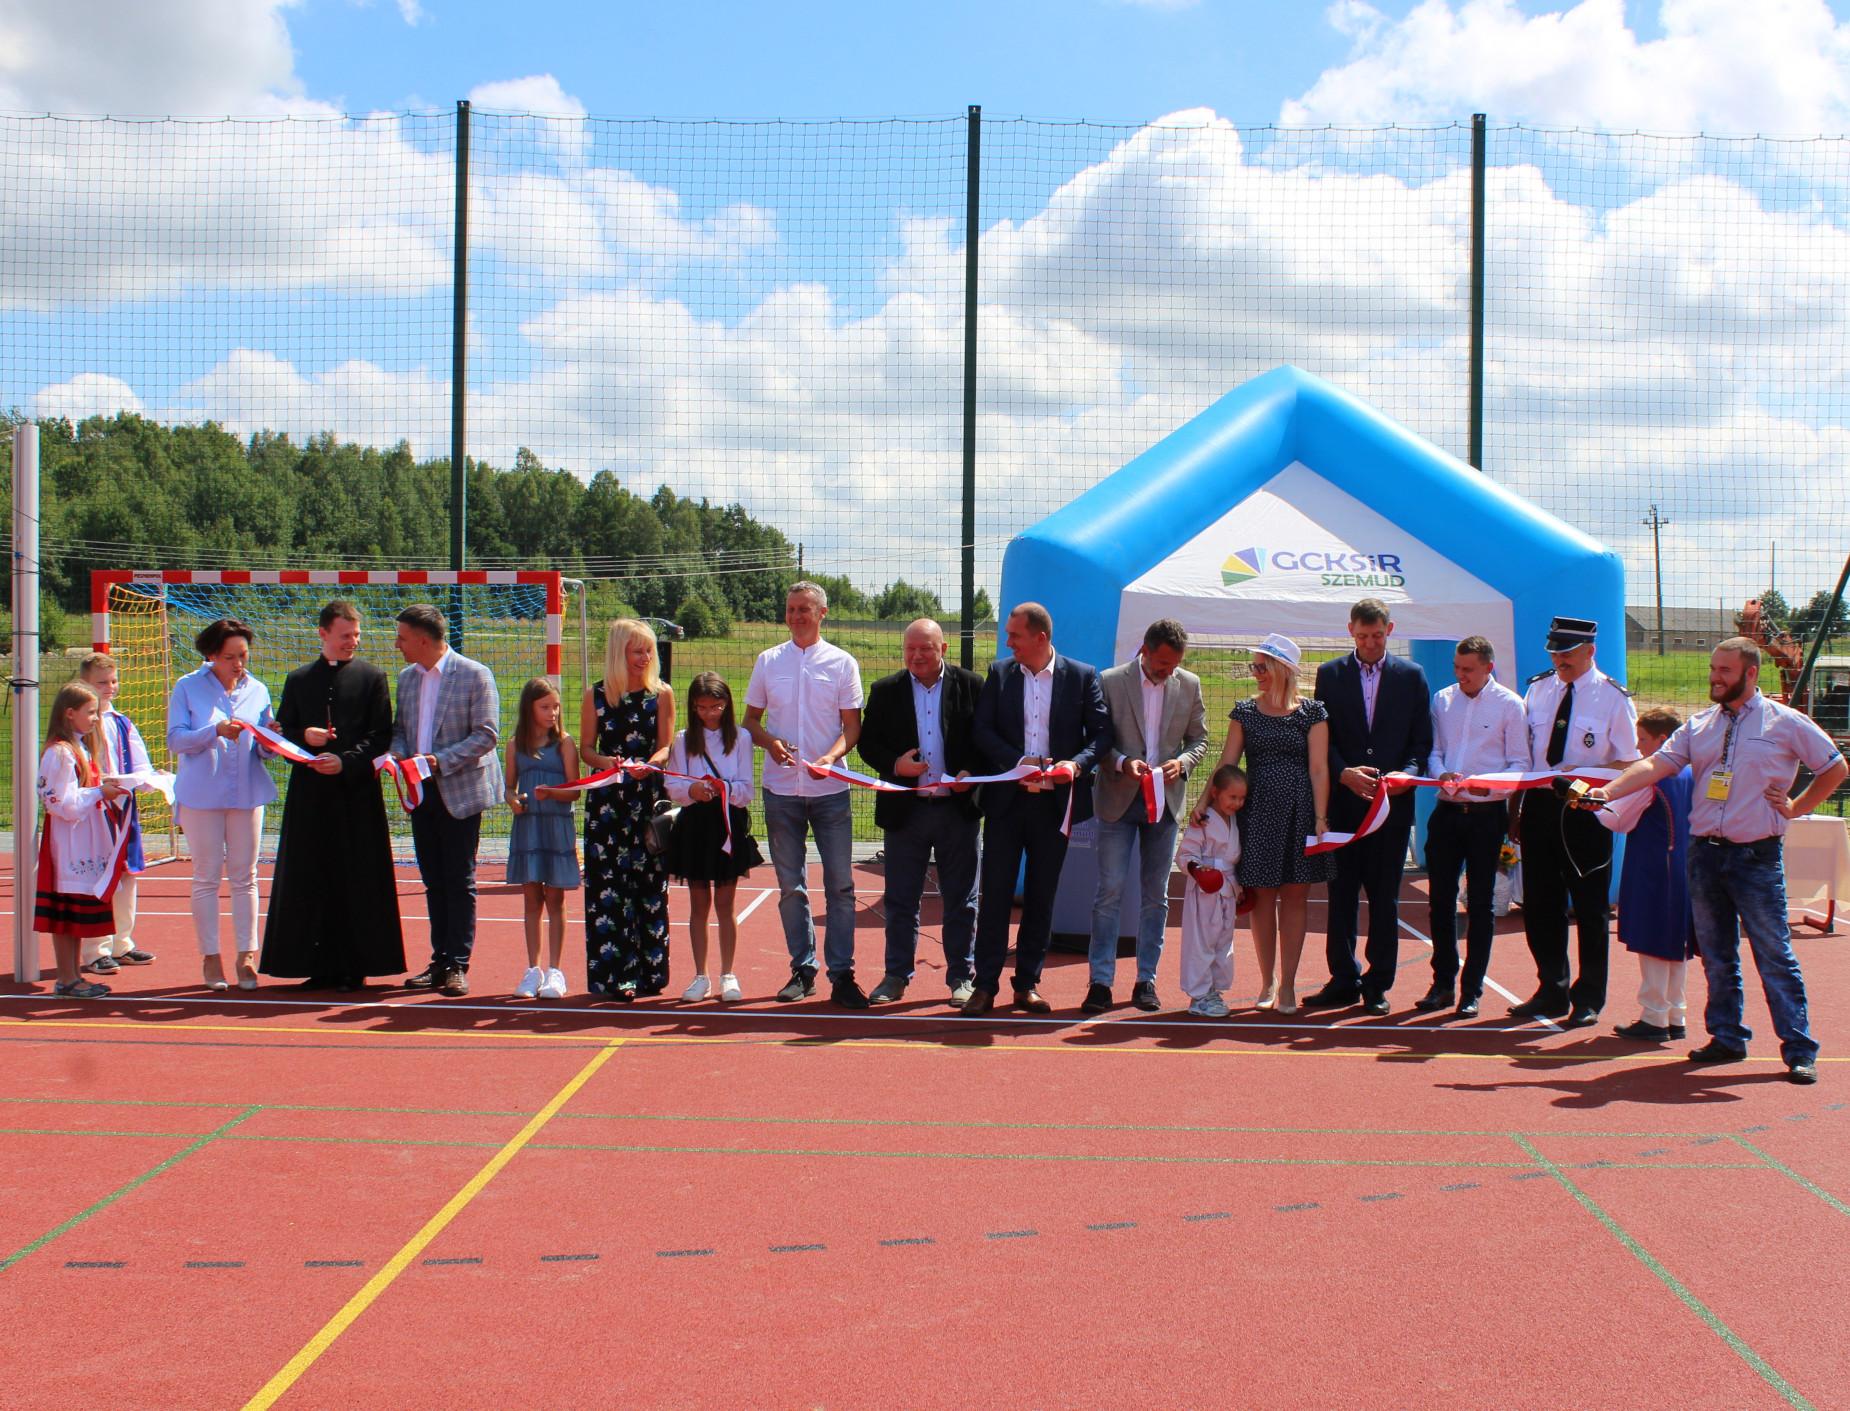 Z tego ucieszą się i dzieci, i starsi. Nowe boisko sportowe w Łebieńskiej Hucie otwarte